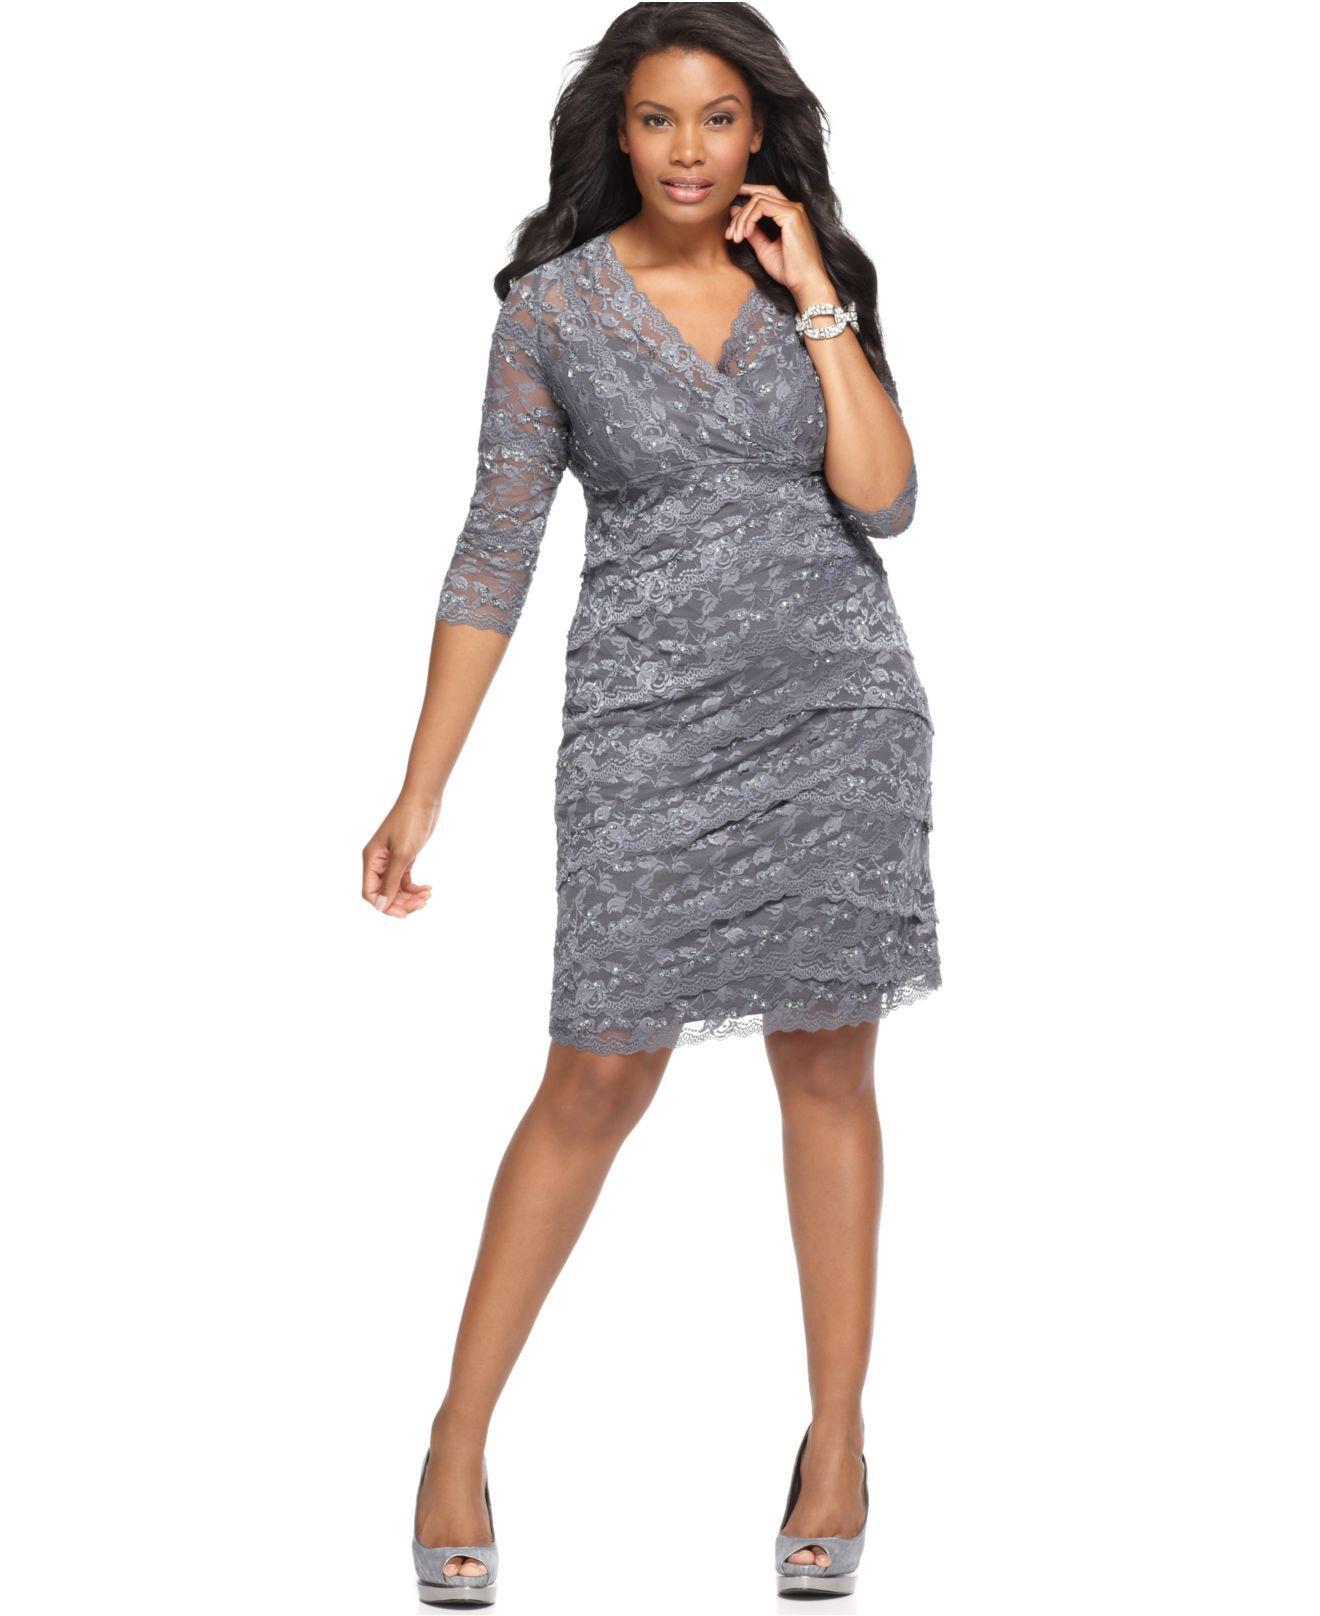 plus grey dress outfits | Best dress ideas | Pinterest | Dress ...